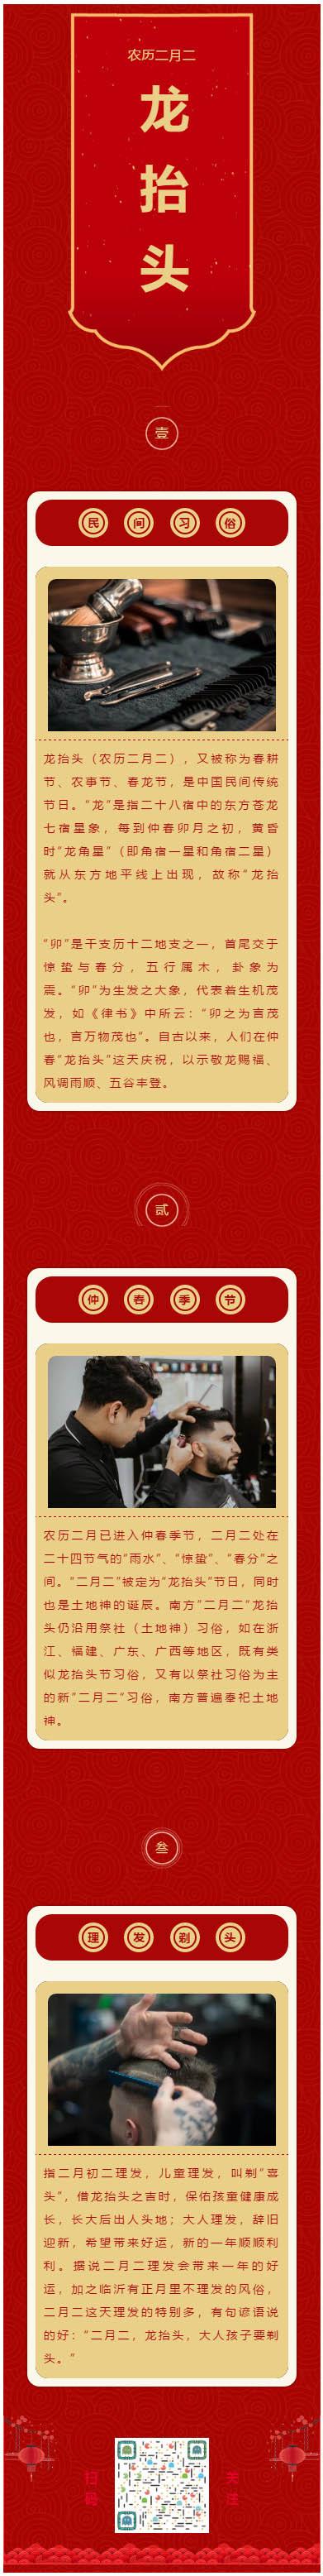 龙抬头农历二月二传统节日微信推文模板推送文章素材公众号文章